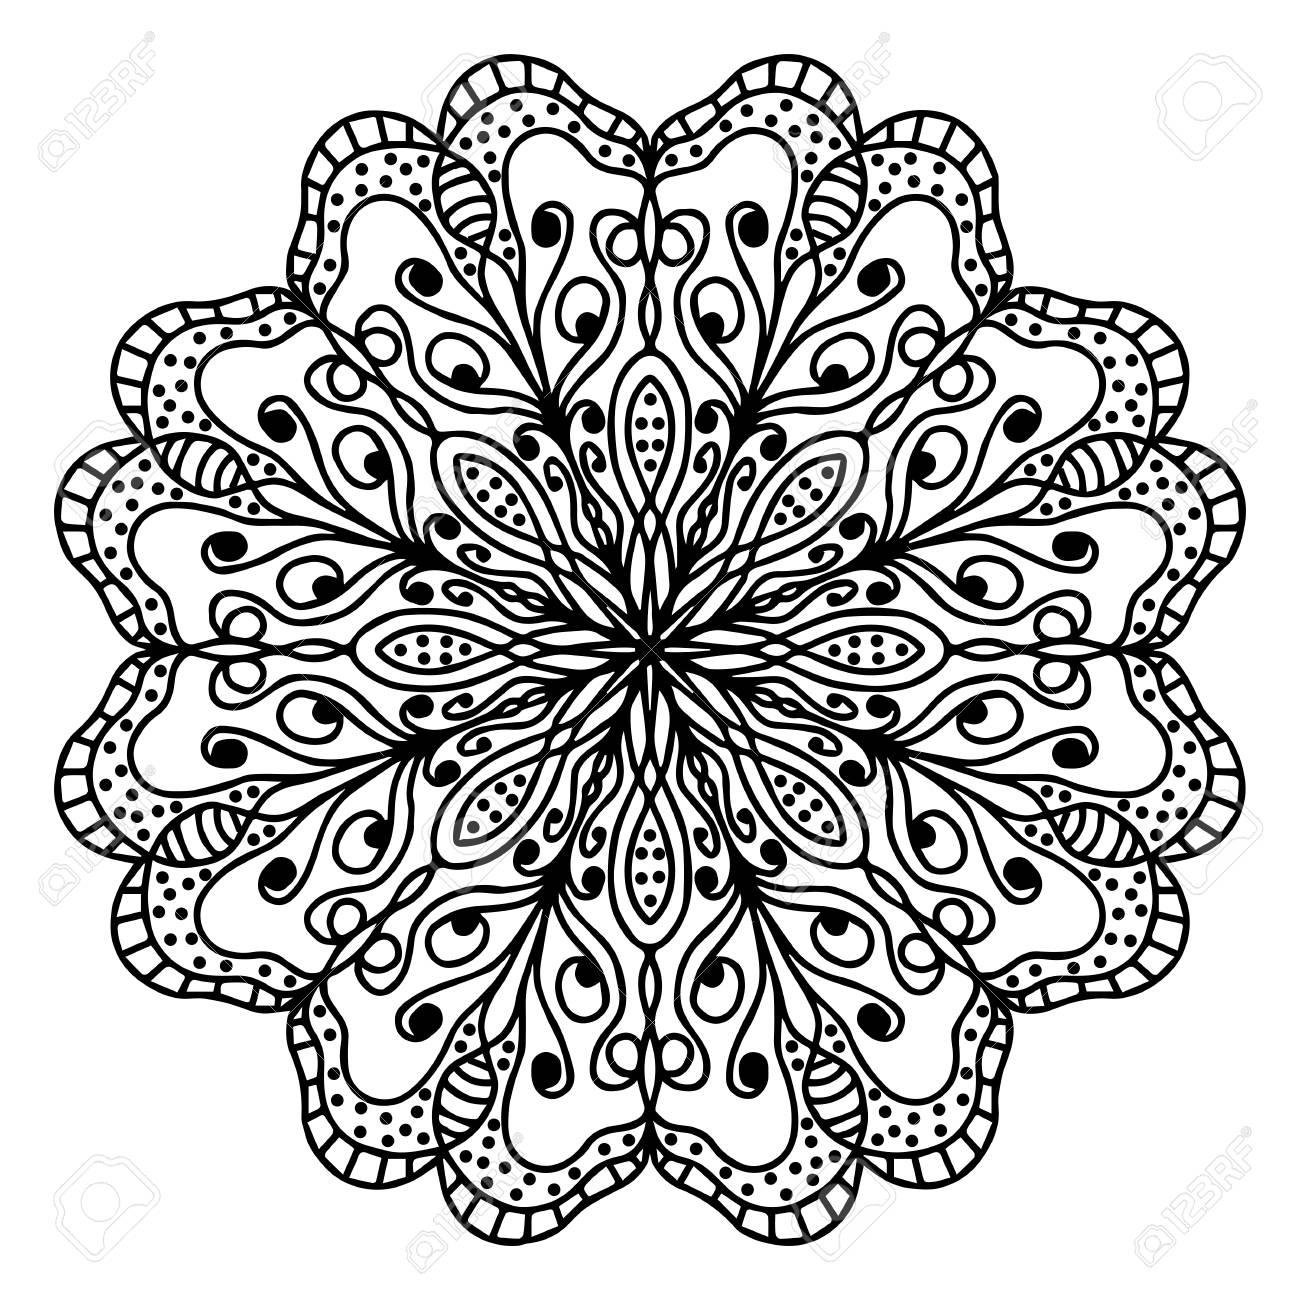 Ongekend Hand Tekening Doodling Mandala Kleurplaat Geïsoleerde Royalty LF-73